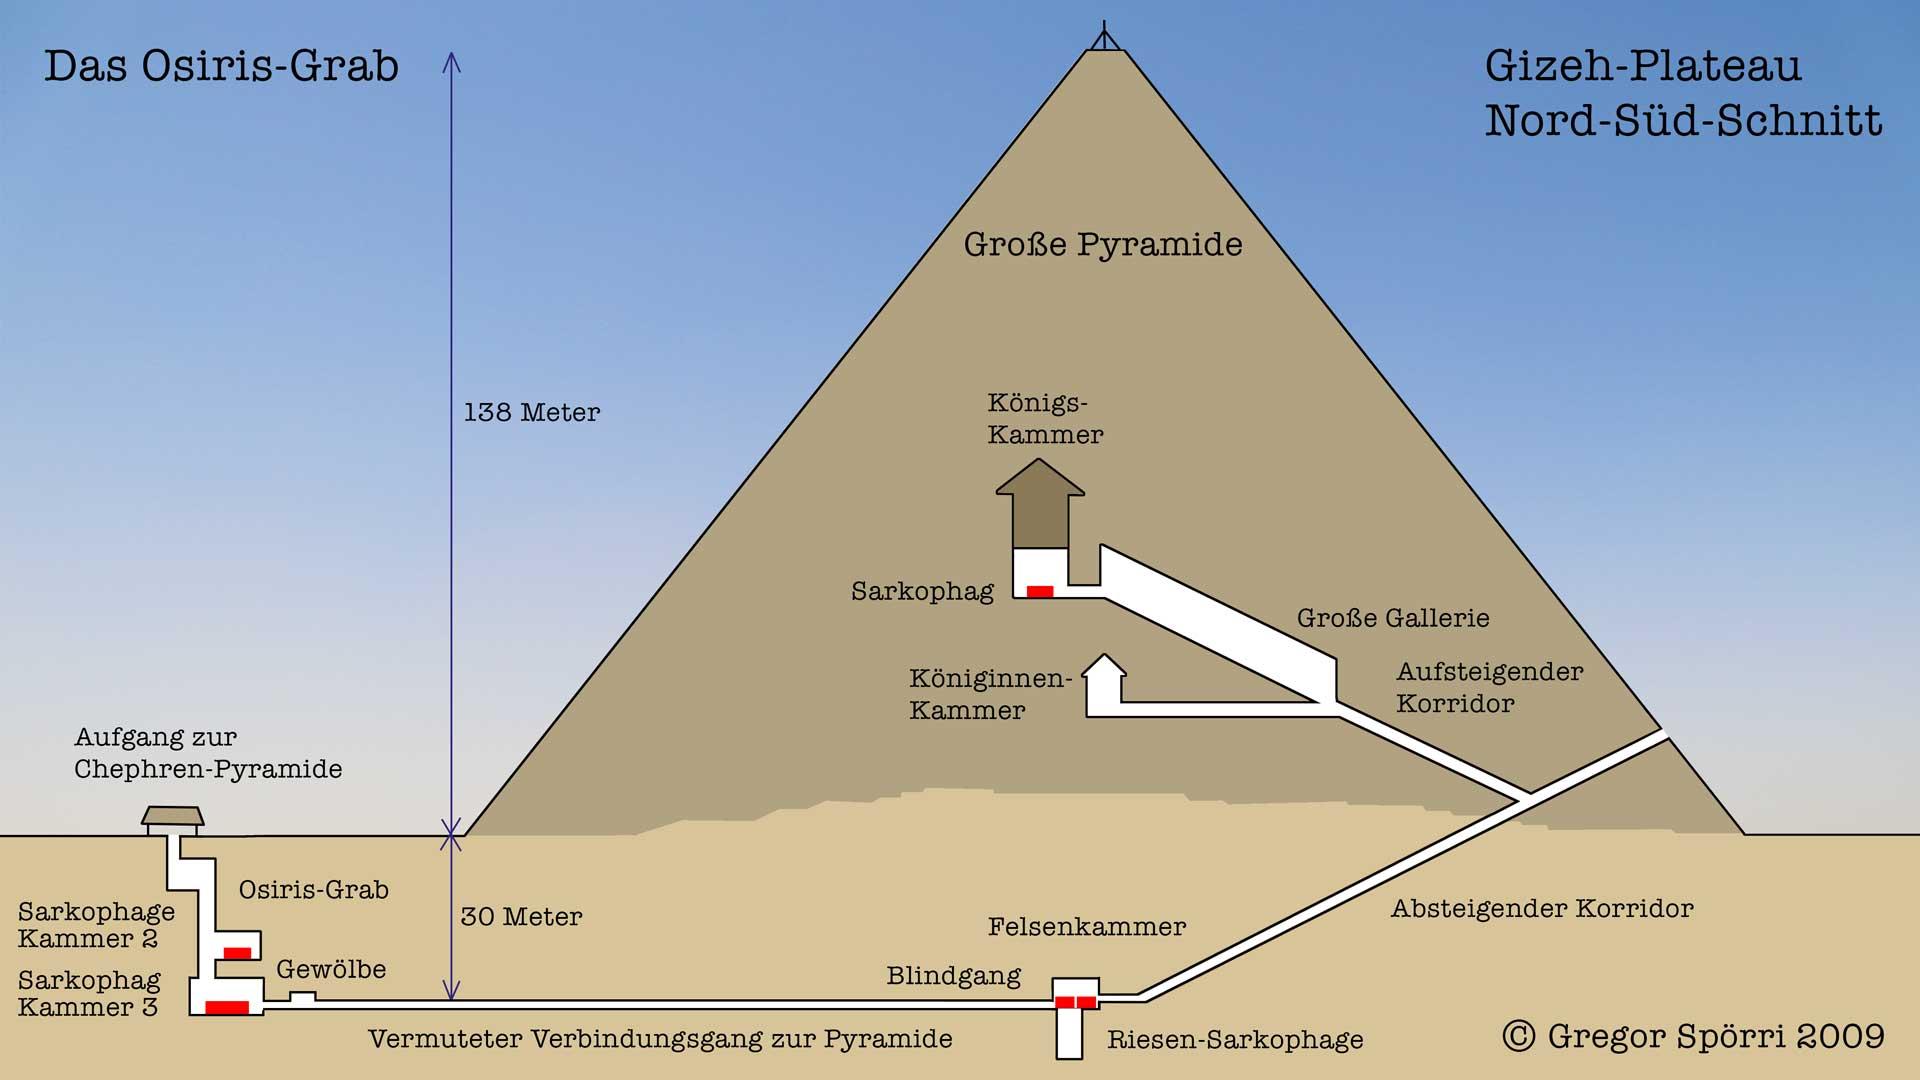 Osiris-Grab / Große Pyramide: Die unterirdischen Verbindungsgänge.